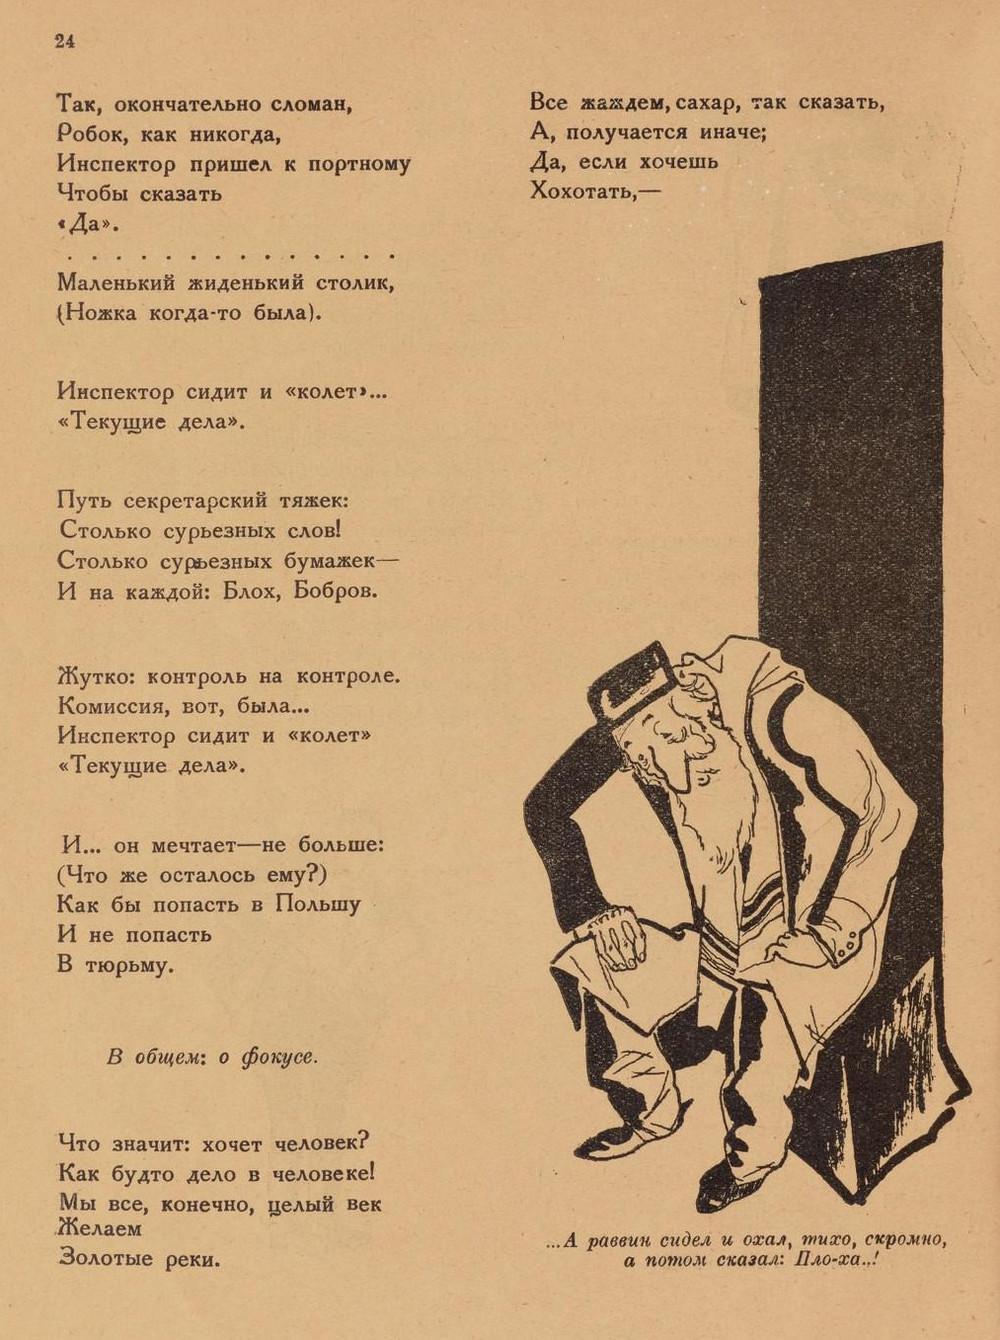 «Повесть о рыжем Мотэле, господине инспекторе, раввине Иссайе и комиссаре Блох» (1926 год) 22